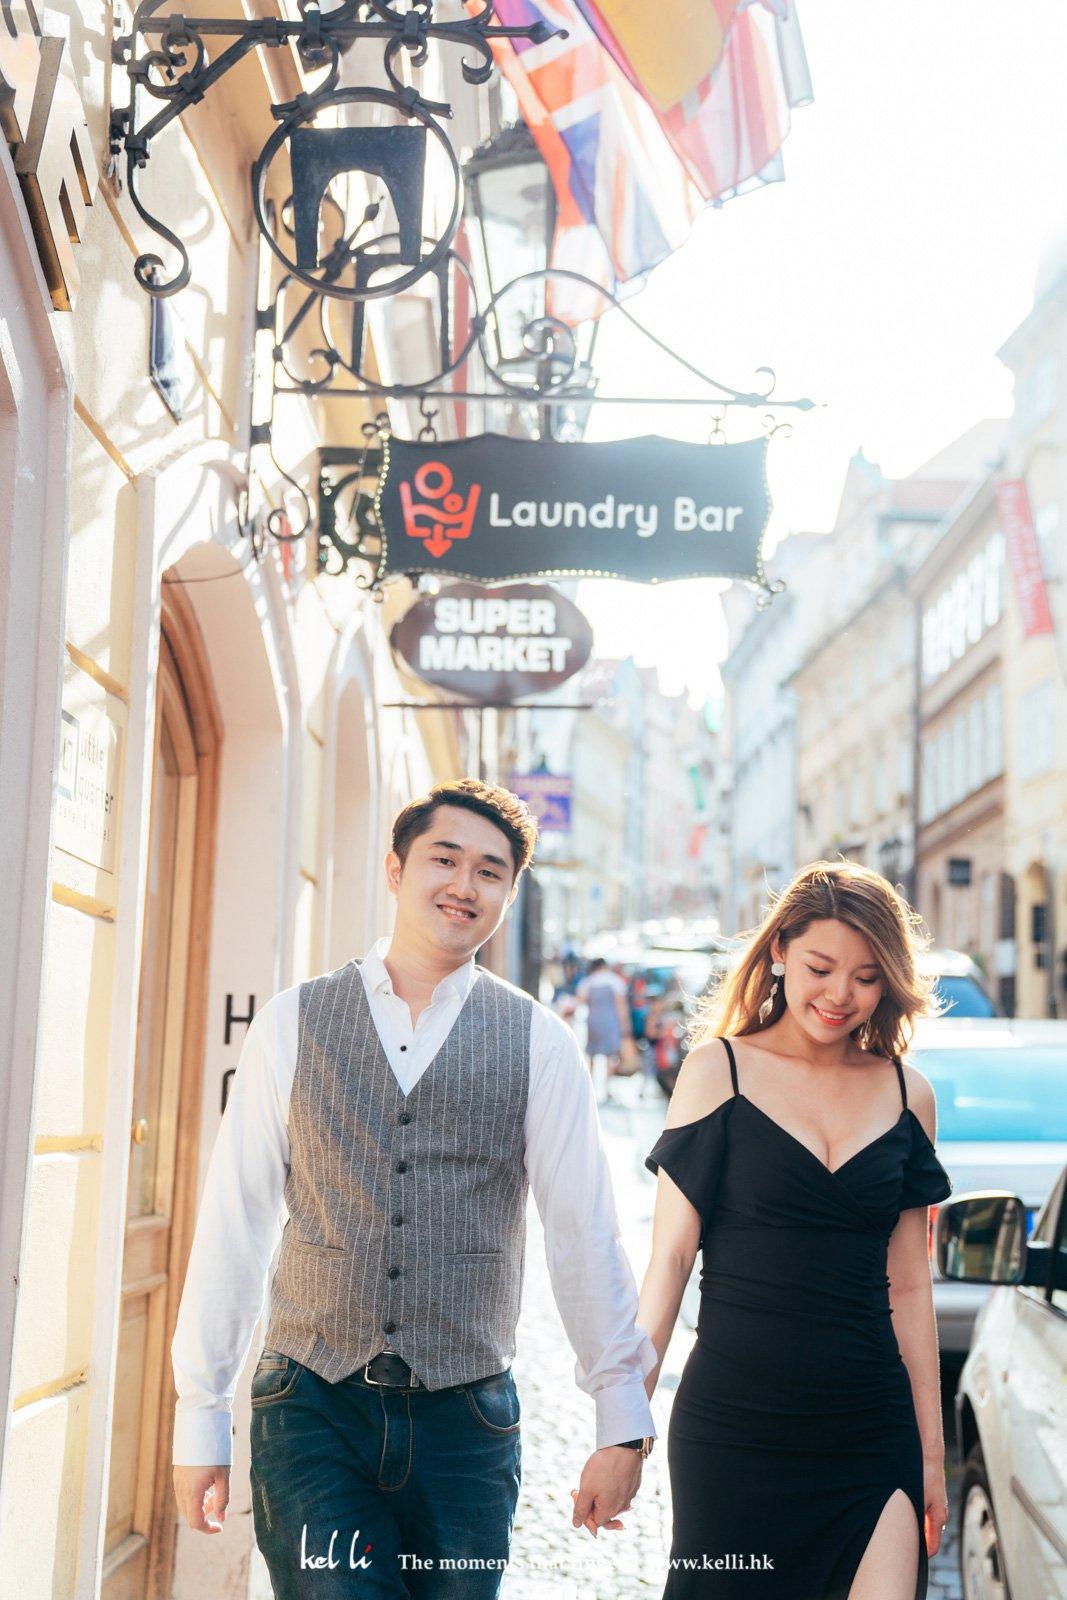 很喜歡這種歐洲小品,穿梭在布拉格的大街小巷,很隨意的抓拍